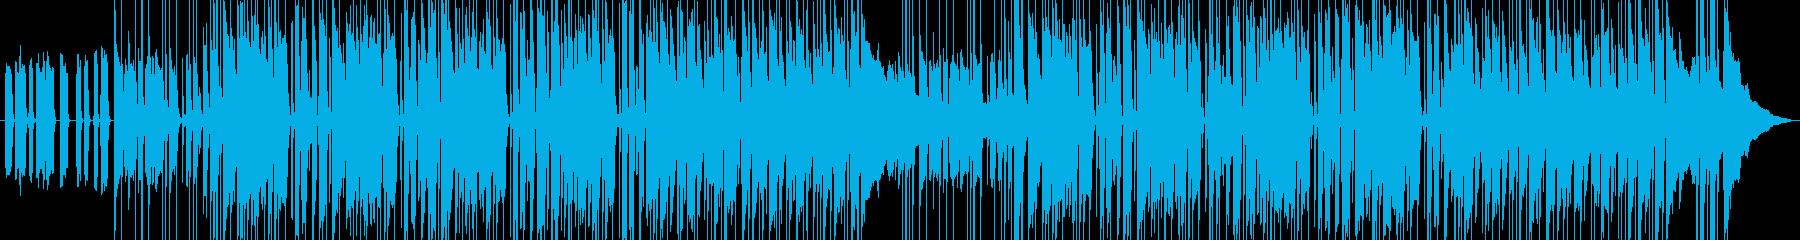 ちょっと泥臭いアメリカンロックの再生済みの波形